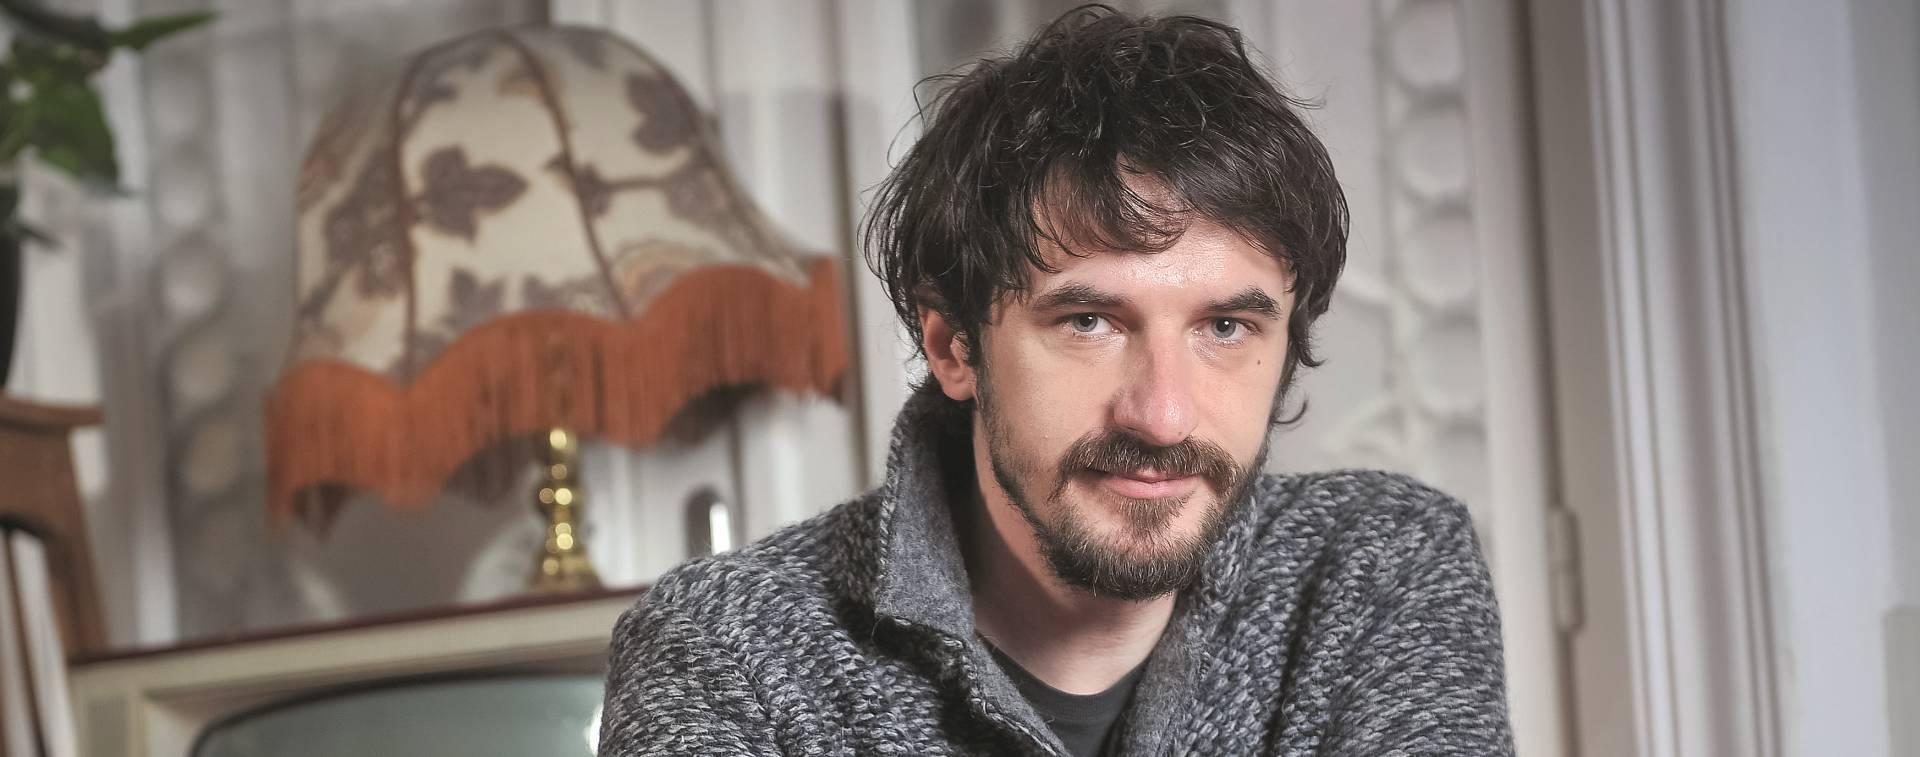 """GLUMAC KOJI IZAZIVA POZORNOST Igor Kovač: """"Zbog rata i neimaštine postao sam bolji čovjek"""""""